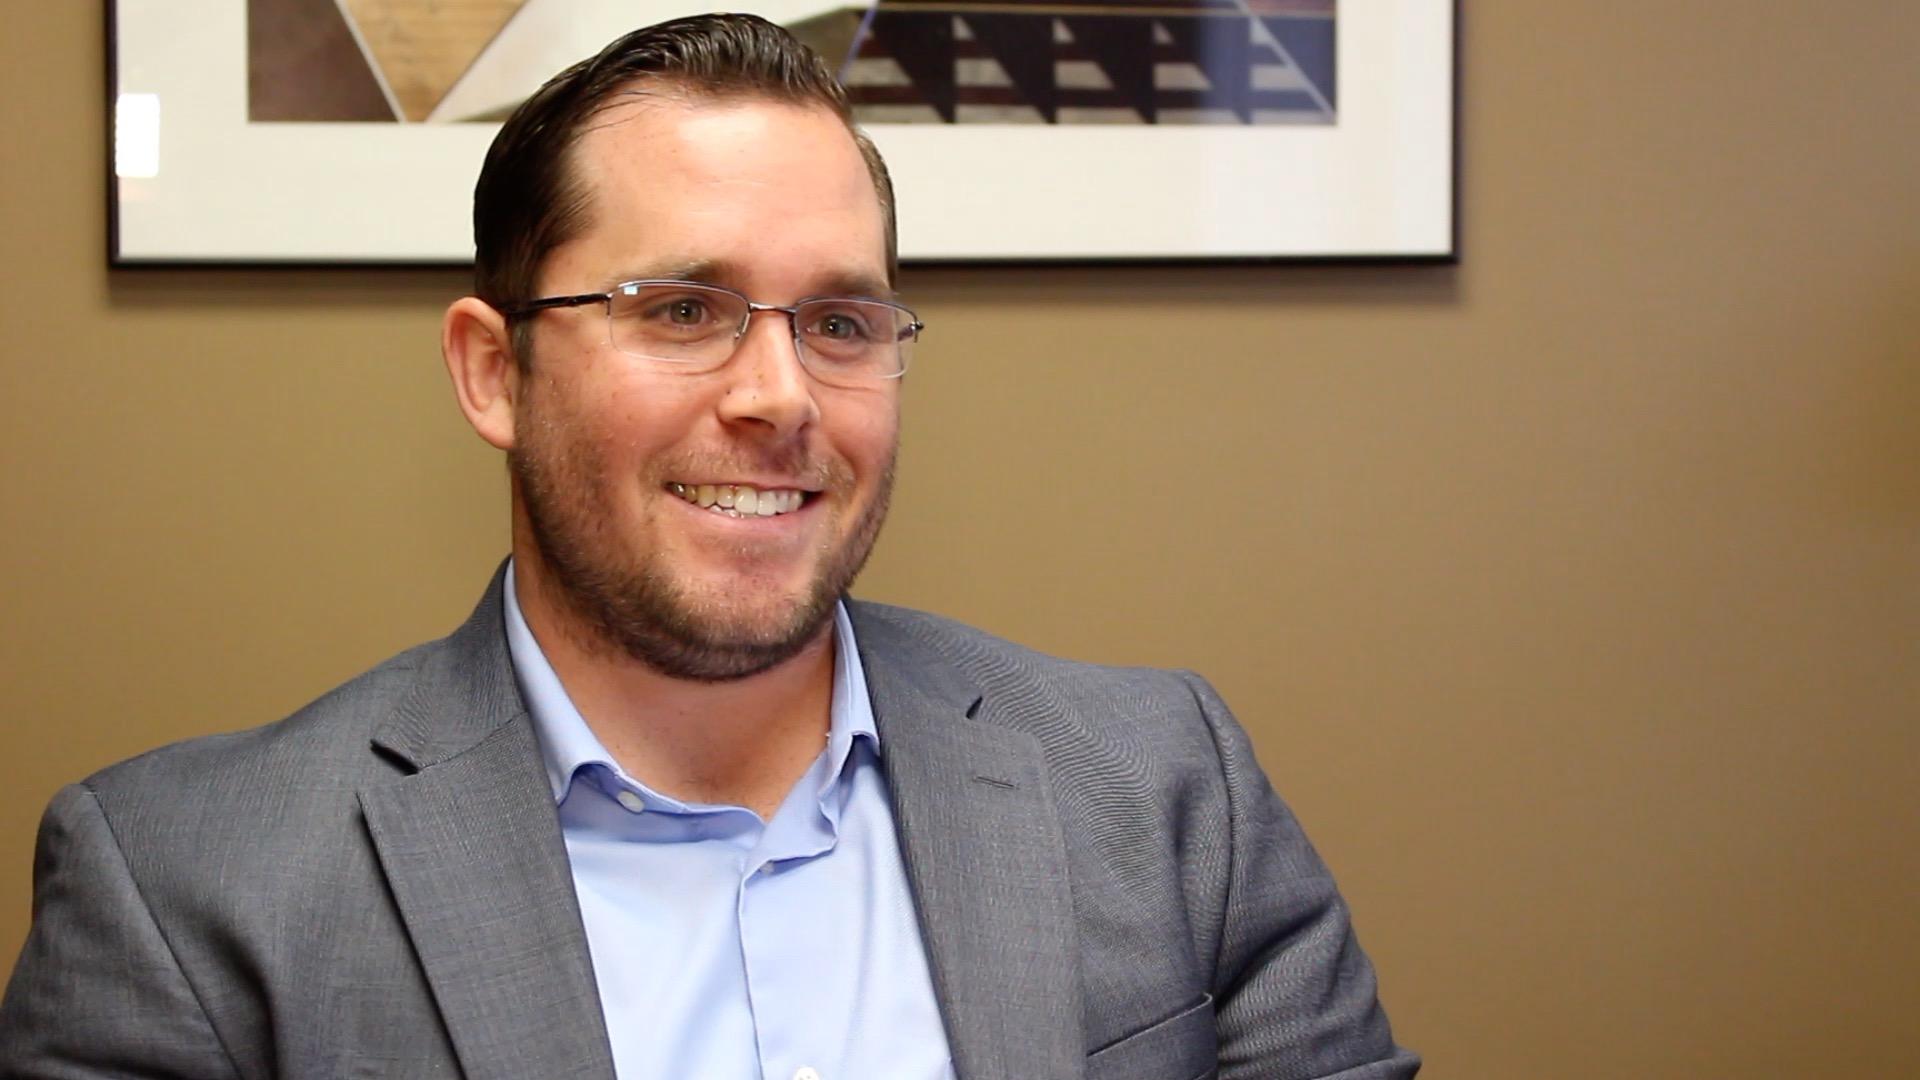 Ryan Glinn W3 Wealth Management